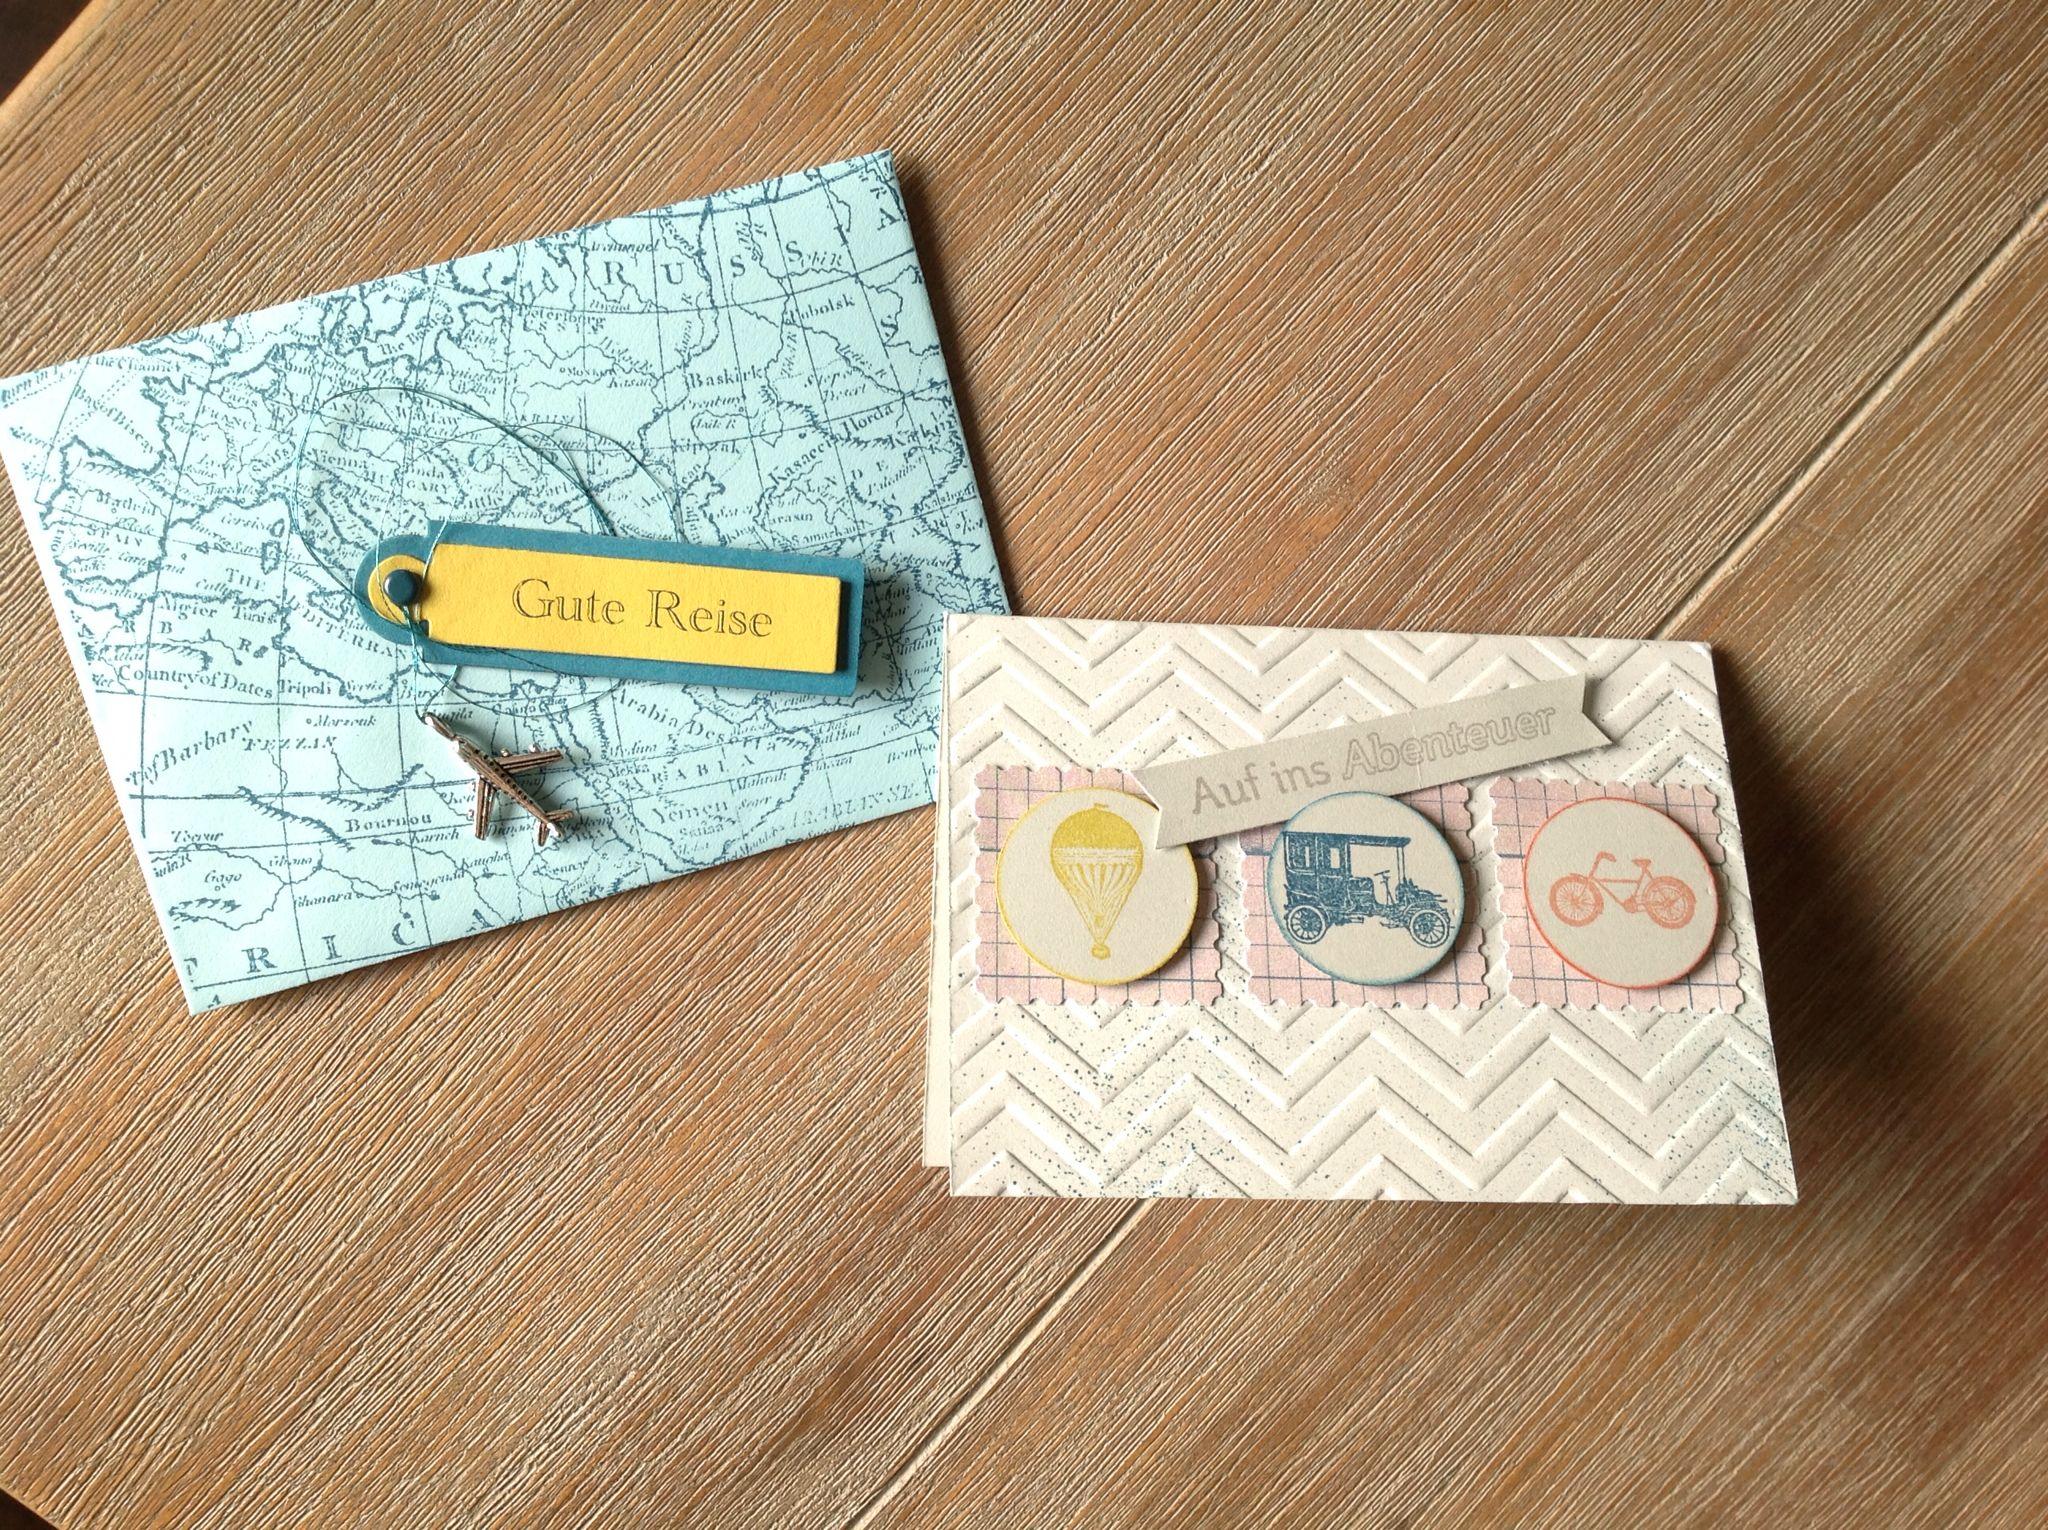 gutschein reise papier stampin 39 up cards pinterest reisen gutscheine und reisegutschein. Black Bedroom Furniture Sets. Home Design Ideas